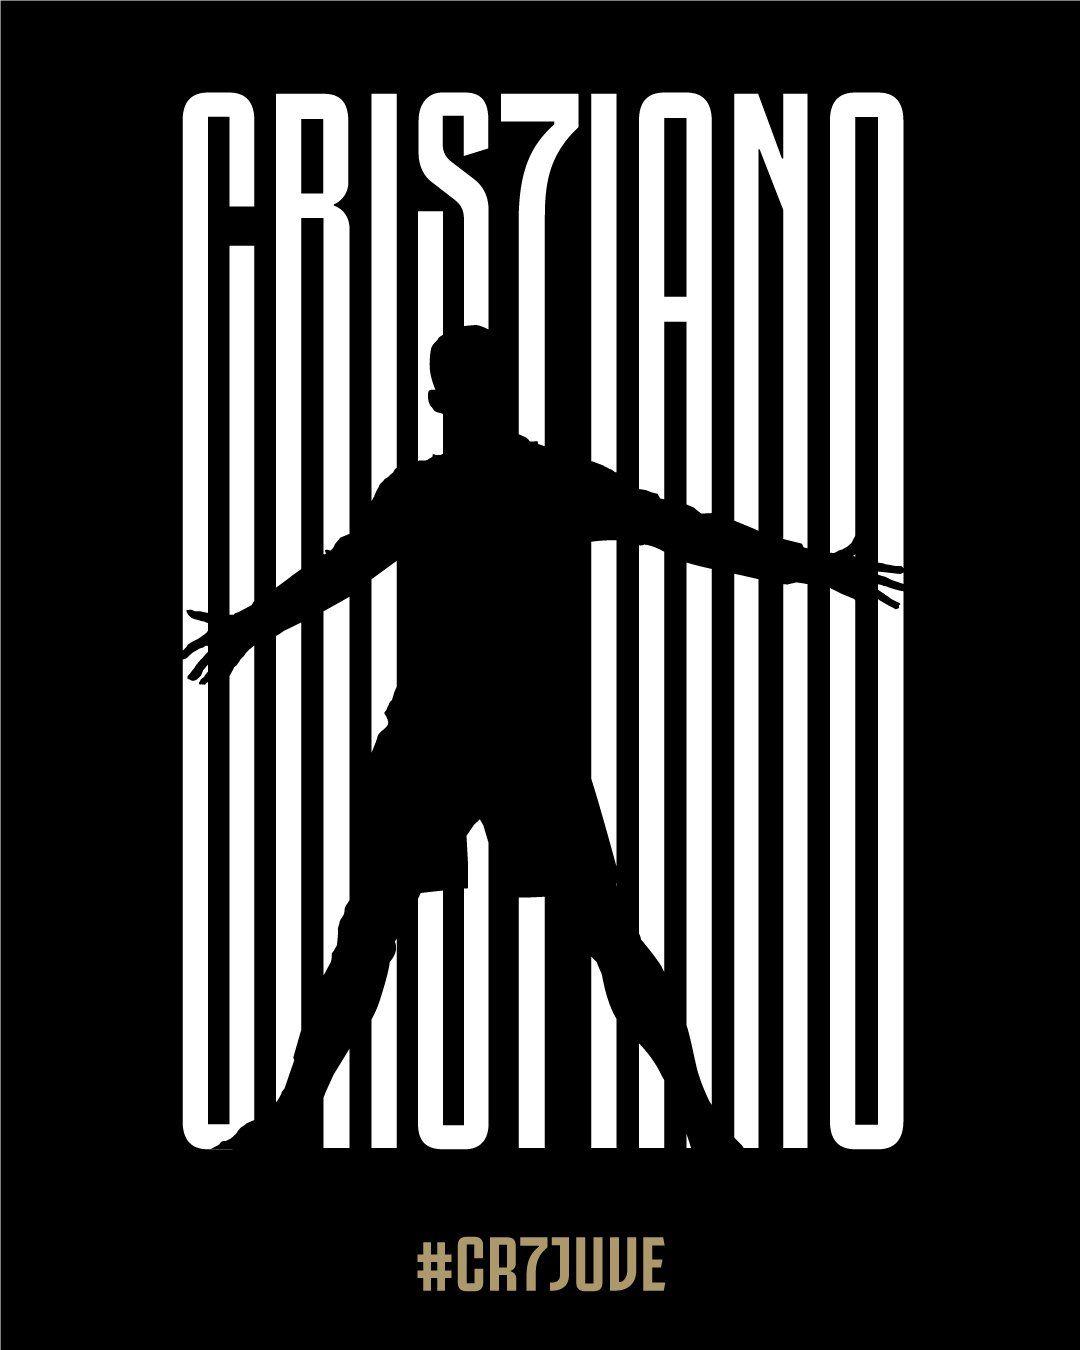 Cristiano Ronaldo alla Juve, le reazioni del mondo dei videogiochi